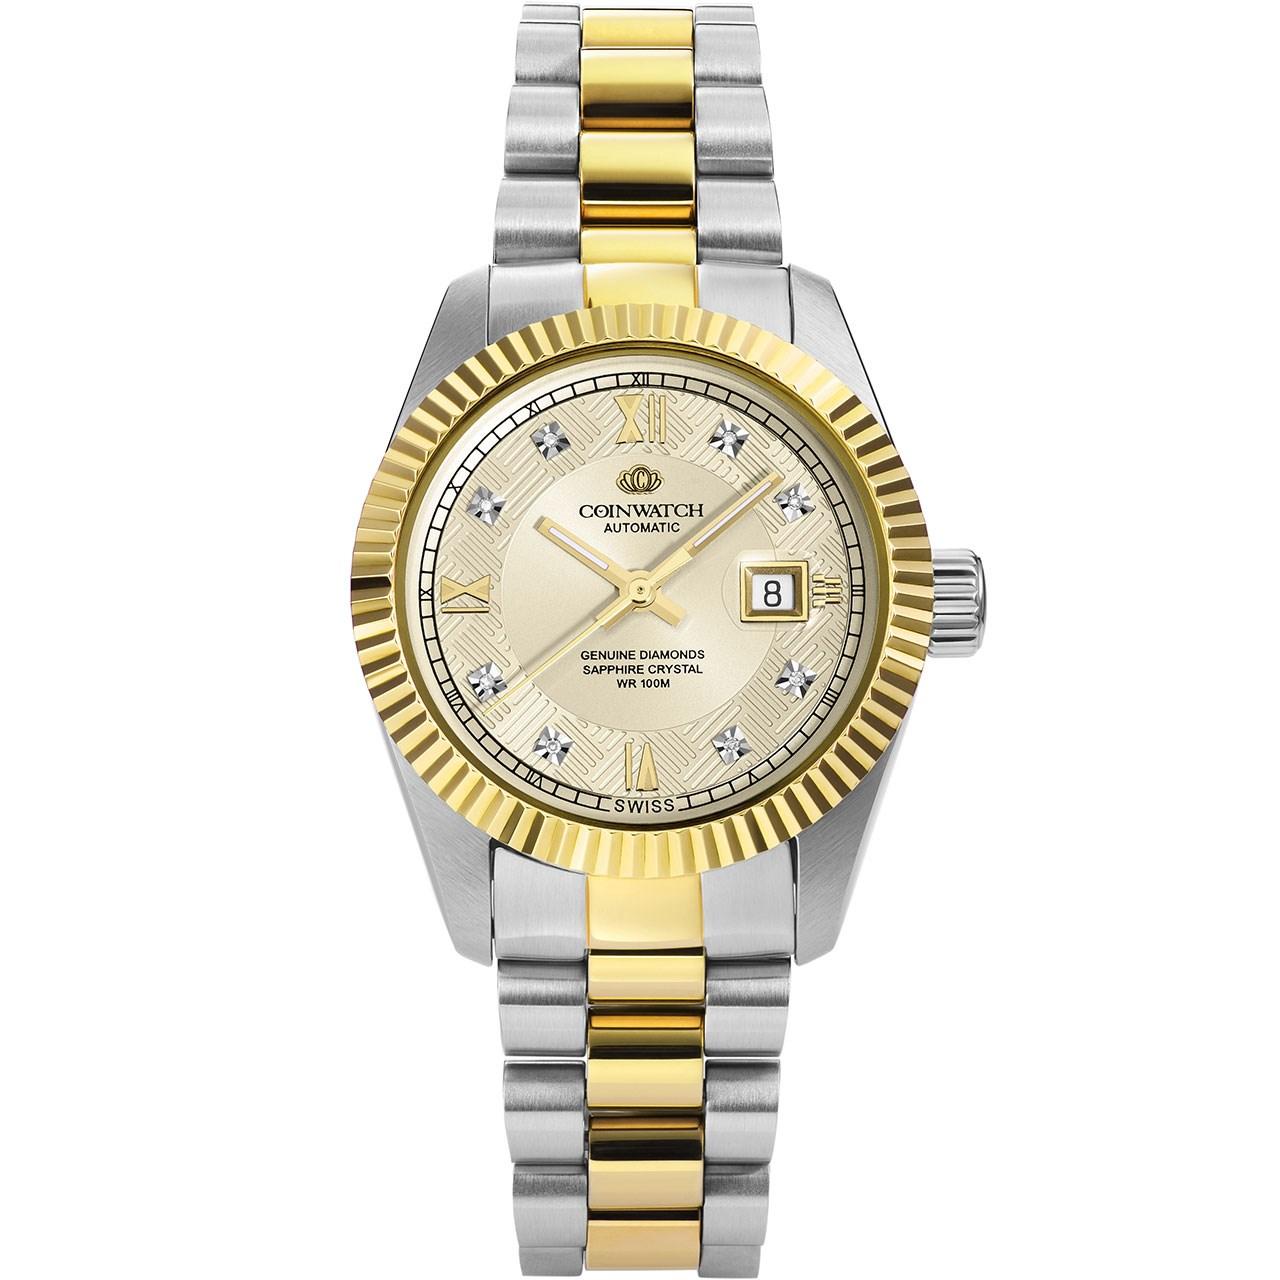 خرید ساعت مچی عقربه ای زنانه کوین واچ مدل C110TCD